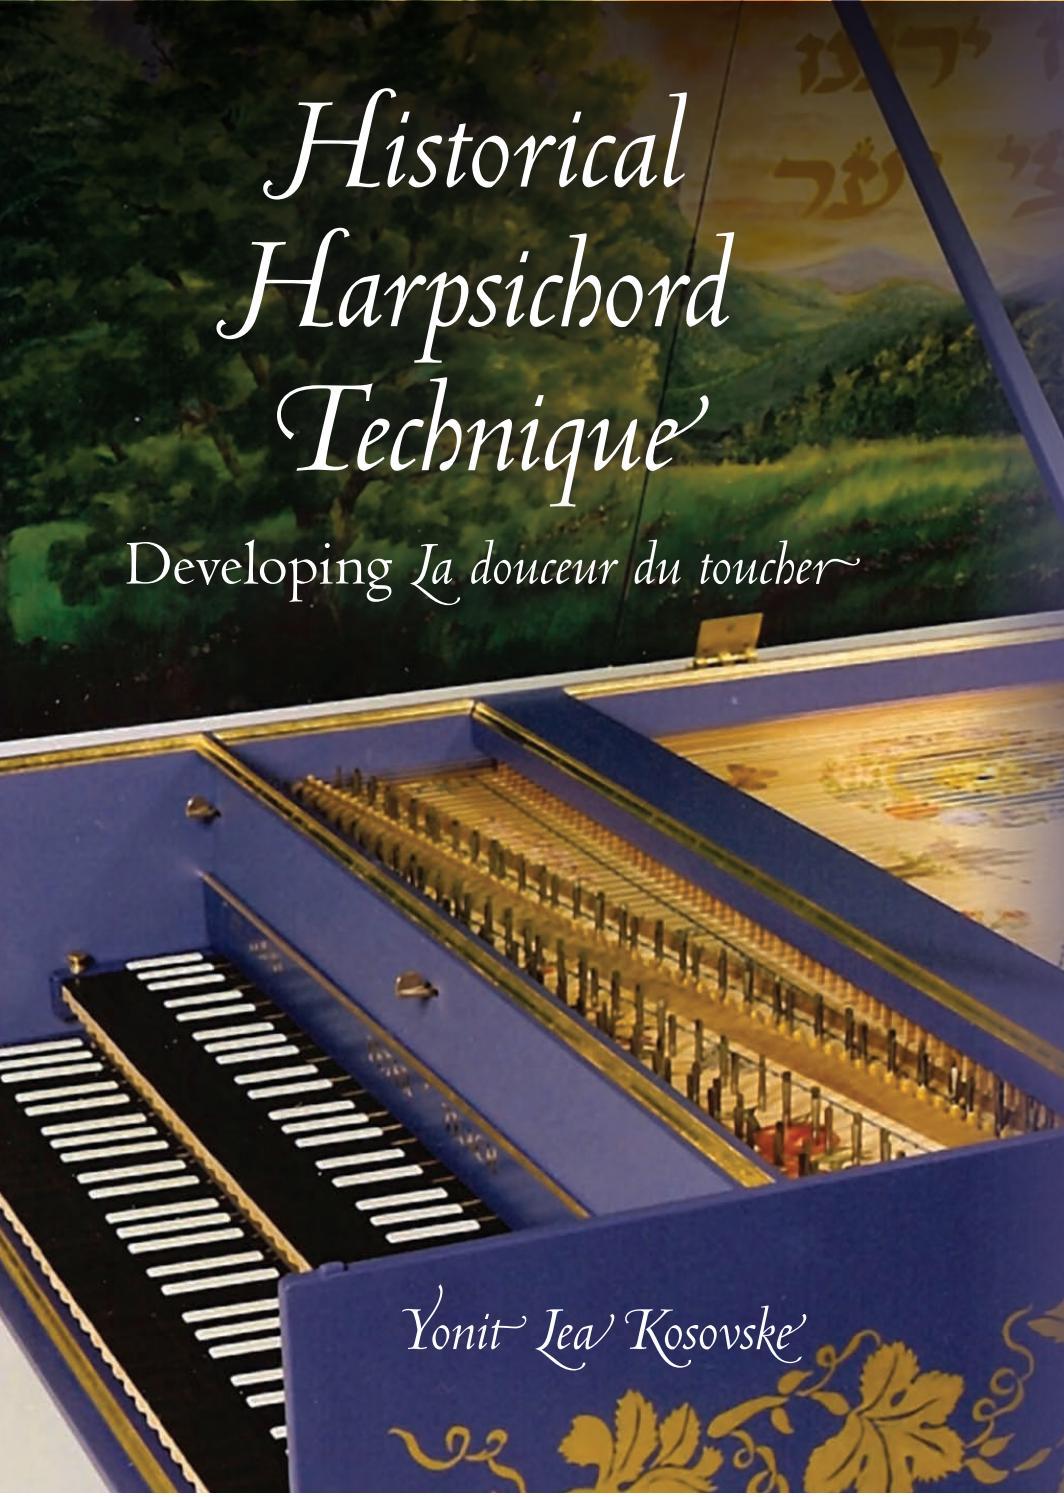 Pièces de clavecin  7th ordre, Les Amusemens - Harpsichord